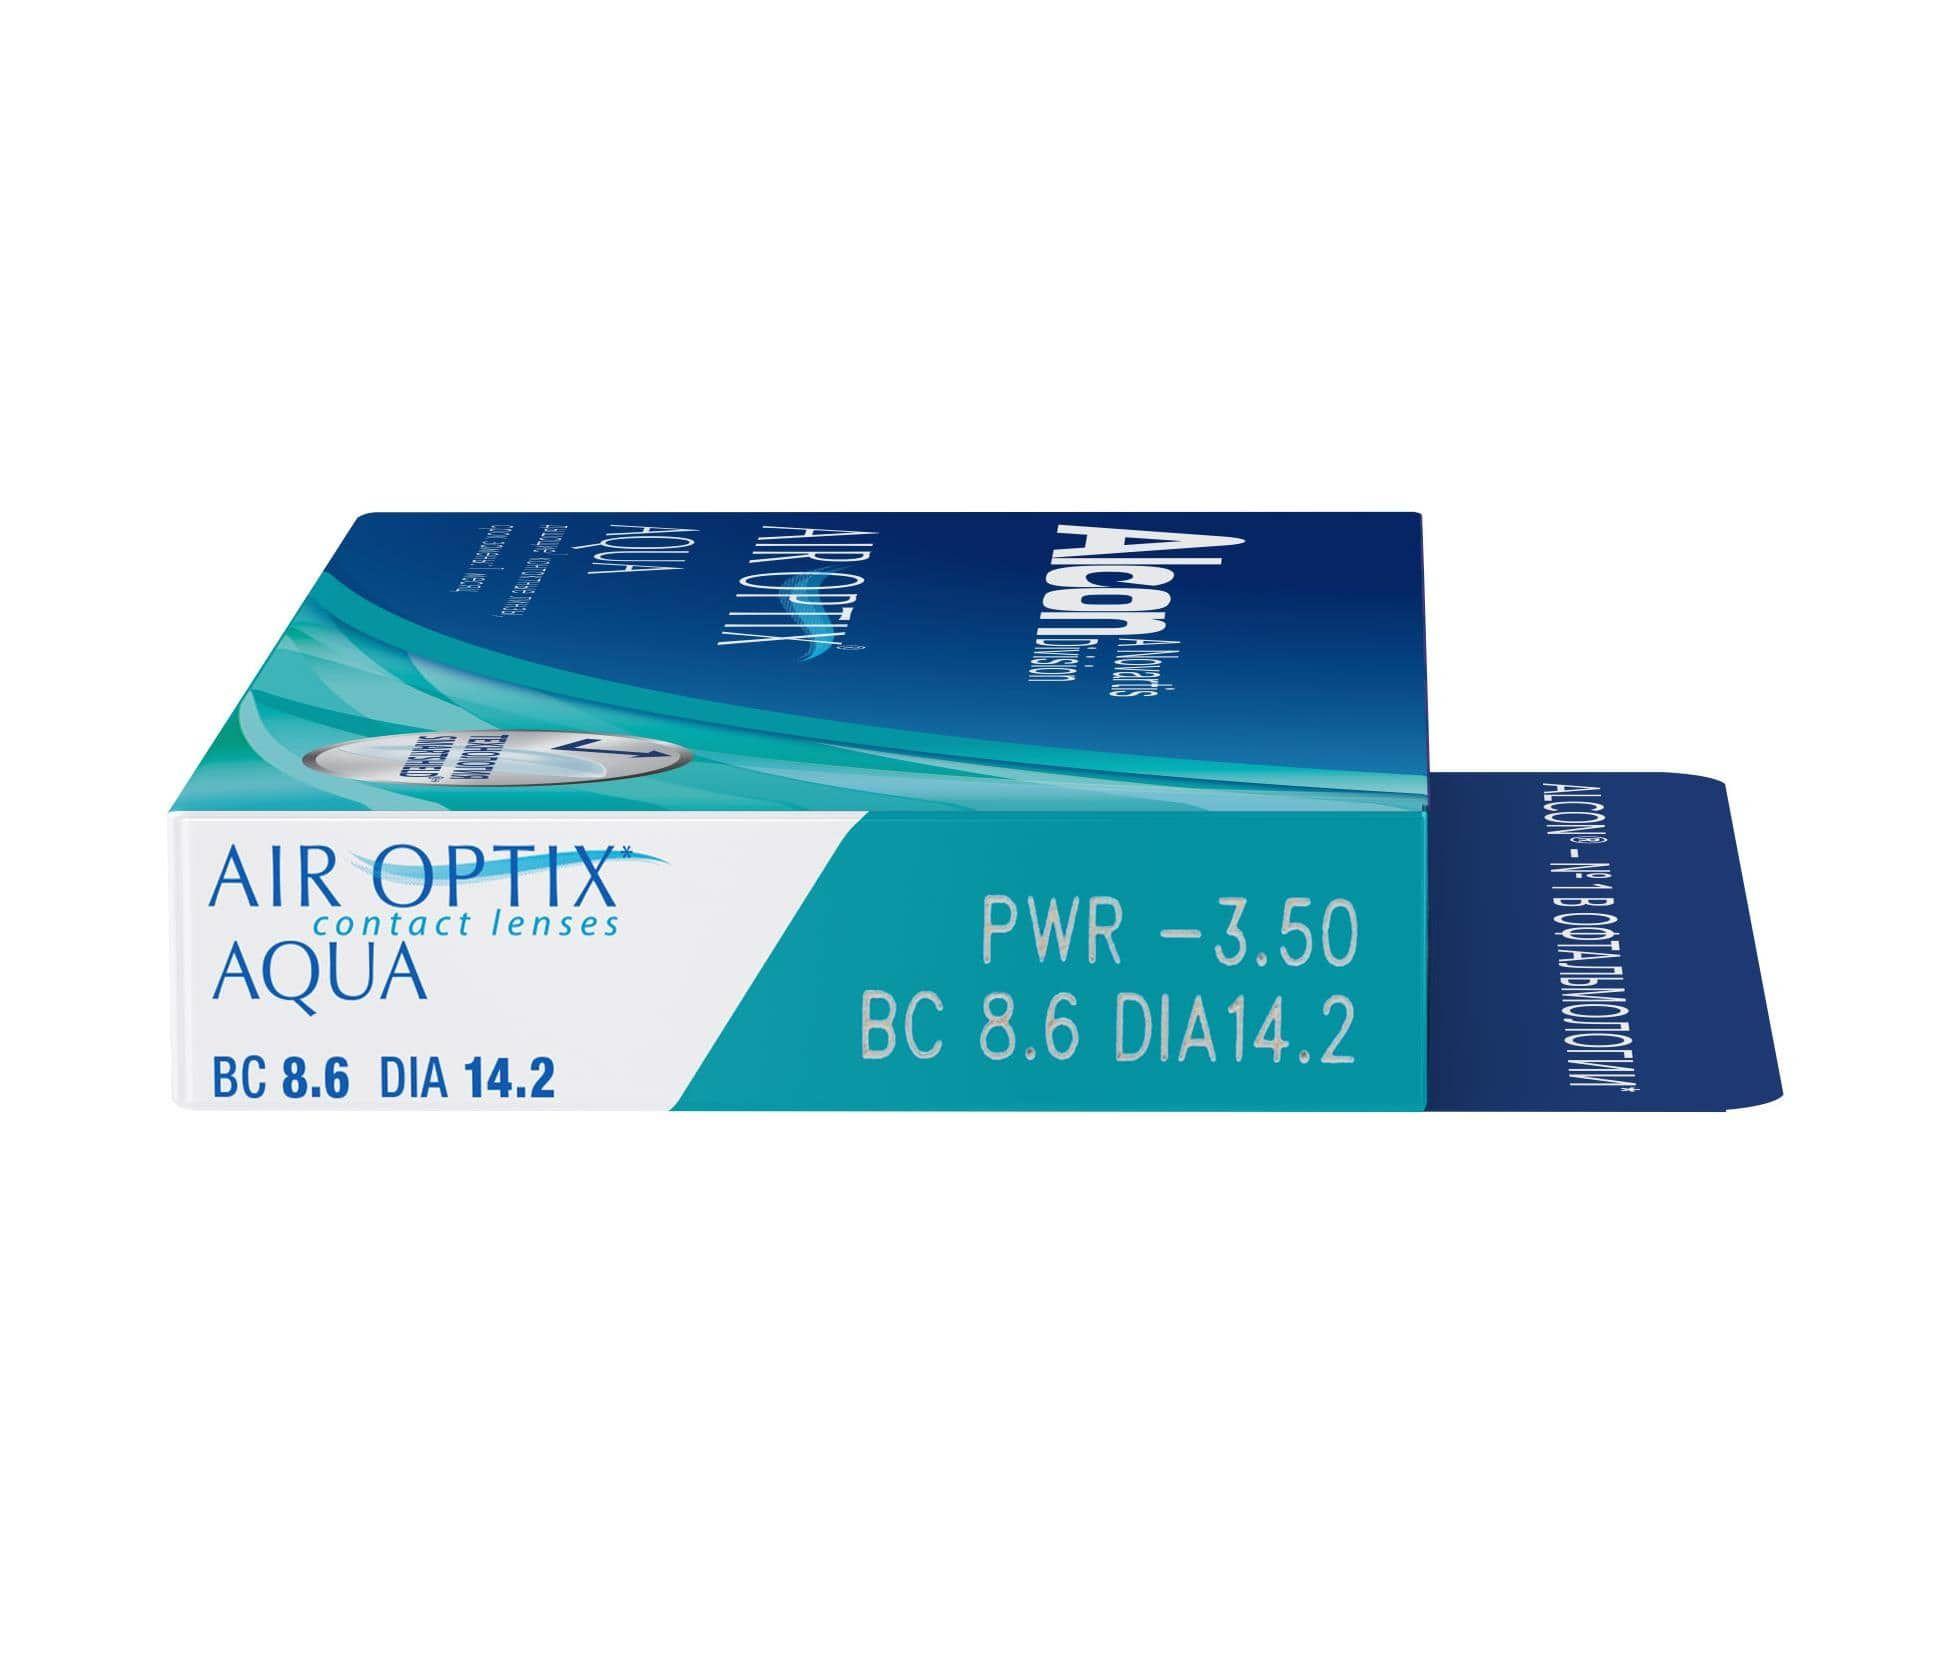 565287ef83af Купить контактные линзы AIR OPTIX AQUA (3 линзы) по выгогдным ценам ...